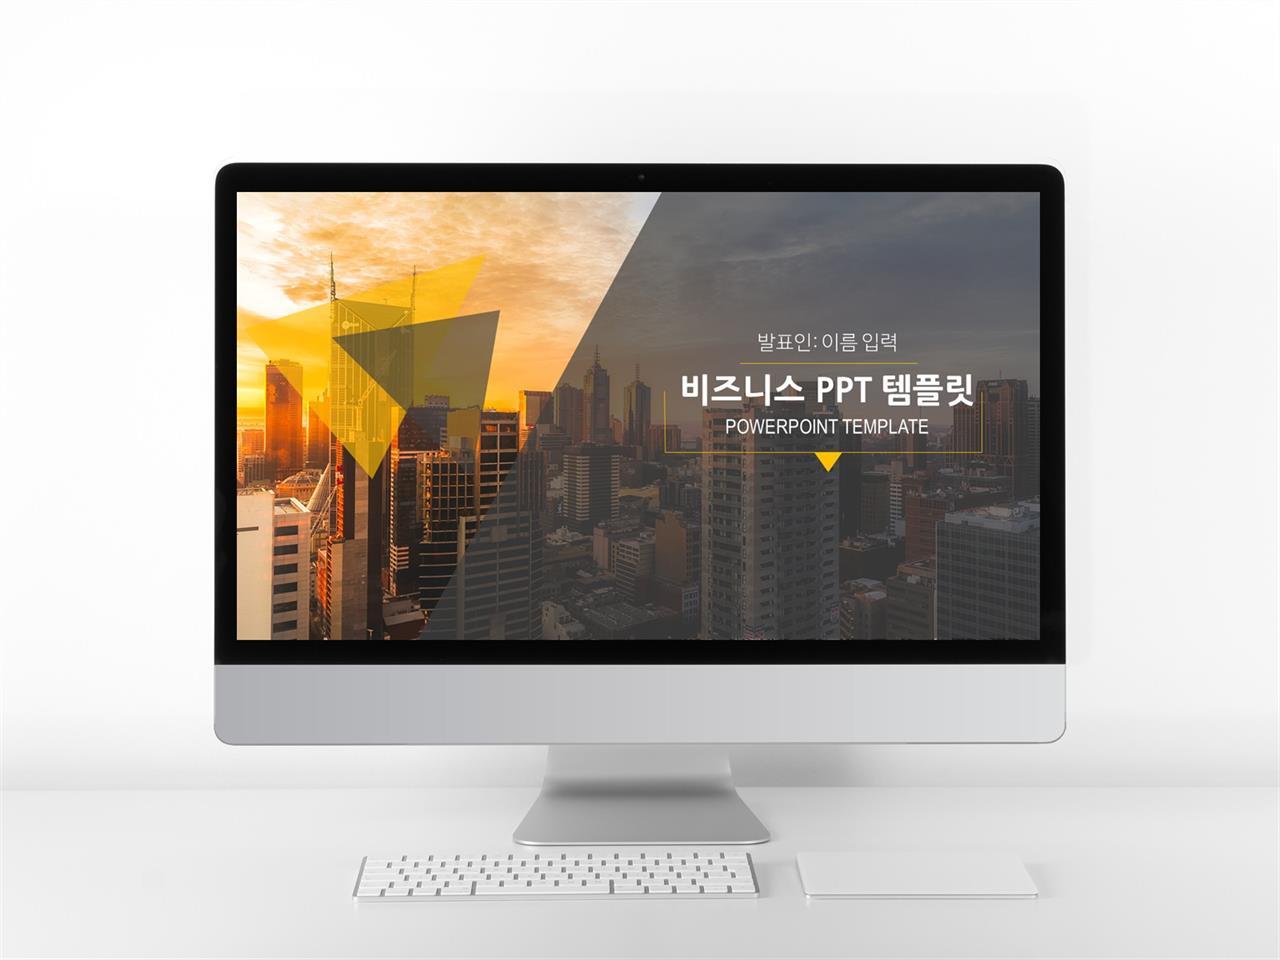 사업융자 노랑색 세련된 고퀄리티 피피티양식 제작 미리보기